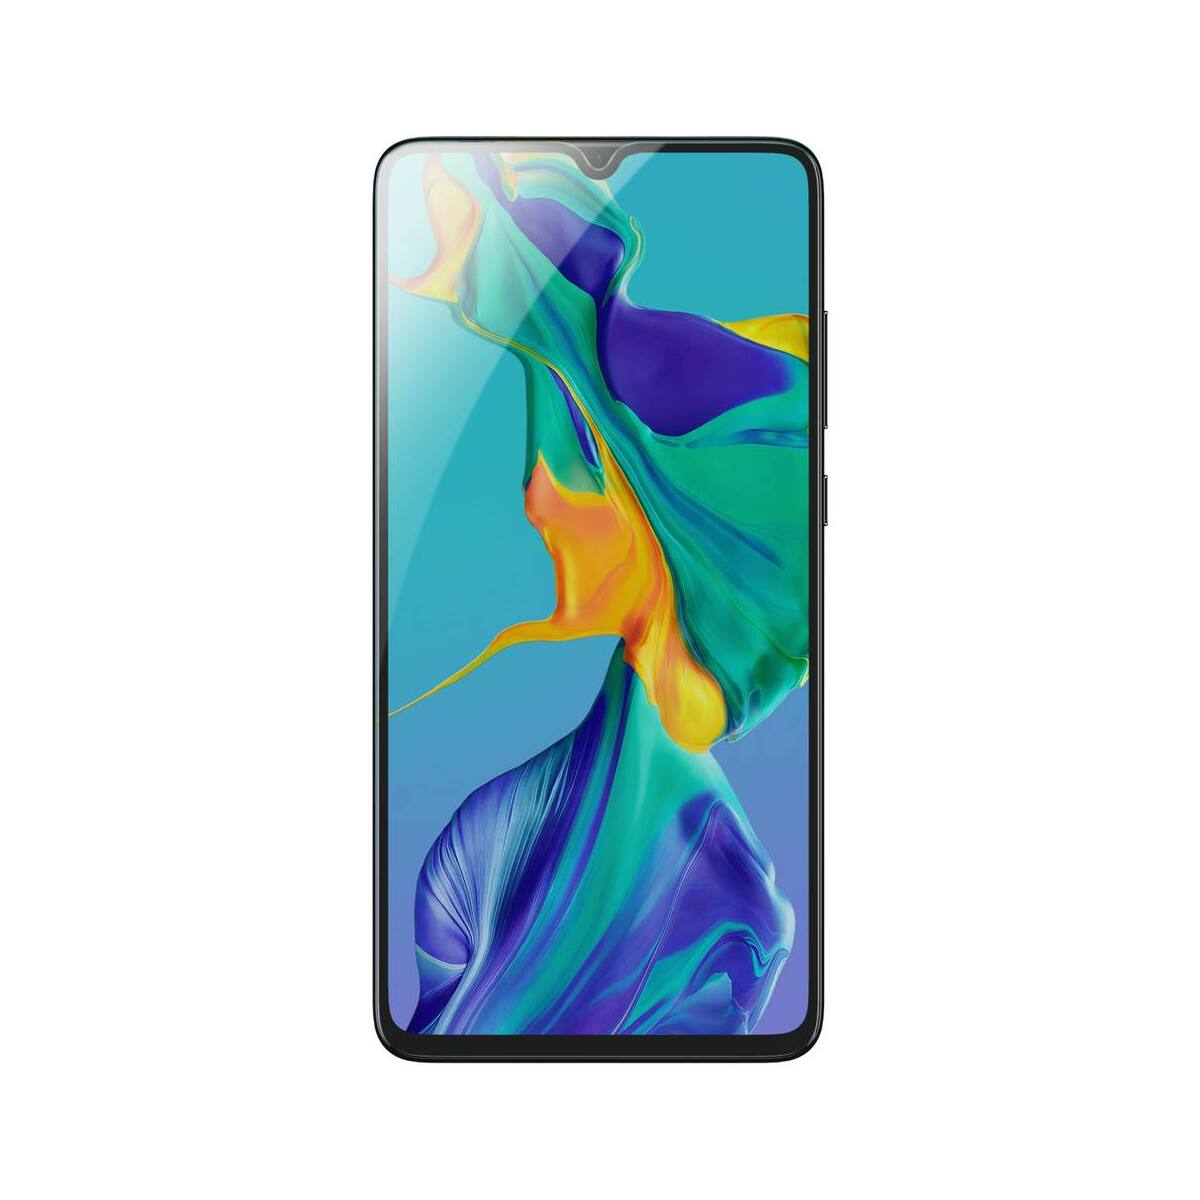 Baseus Huawei P30 0.3 mm, ívelt, edzett kijelzővédő üveg, fekete (SGHWP30-KA01)